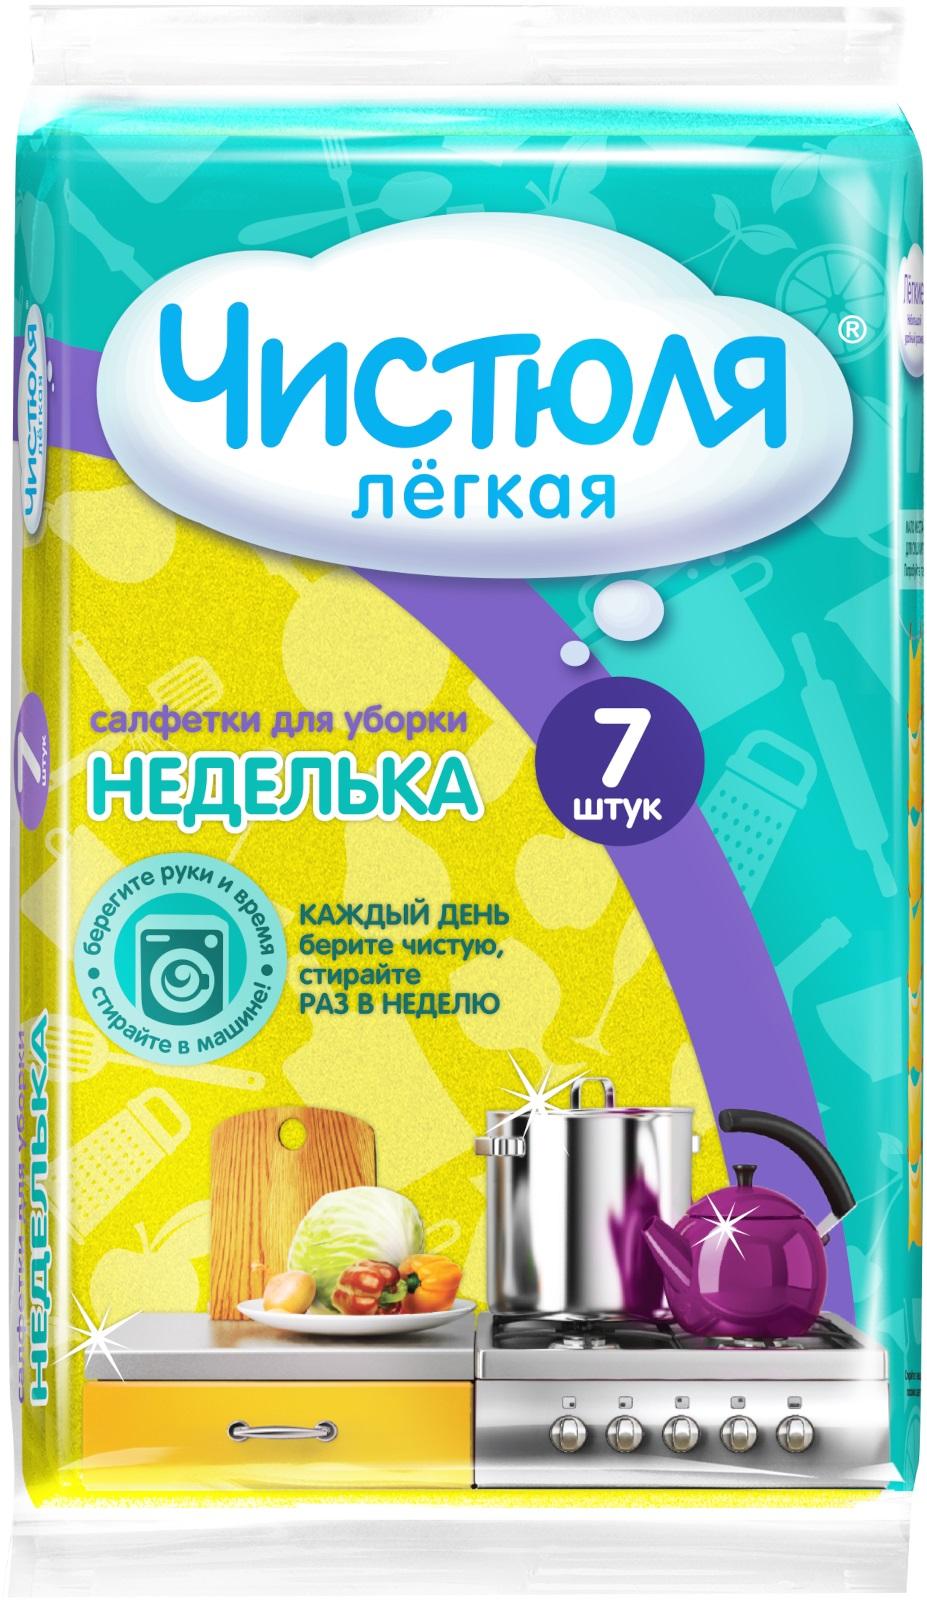 Миниатюра Салфетка для уборки ЧИСТЮЛЯ Легкая Неделька 34x38 см 7 шт №1